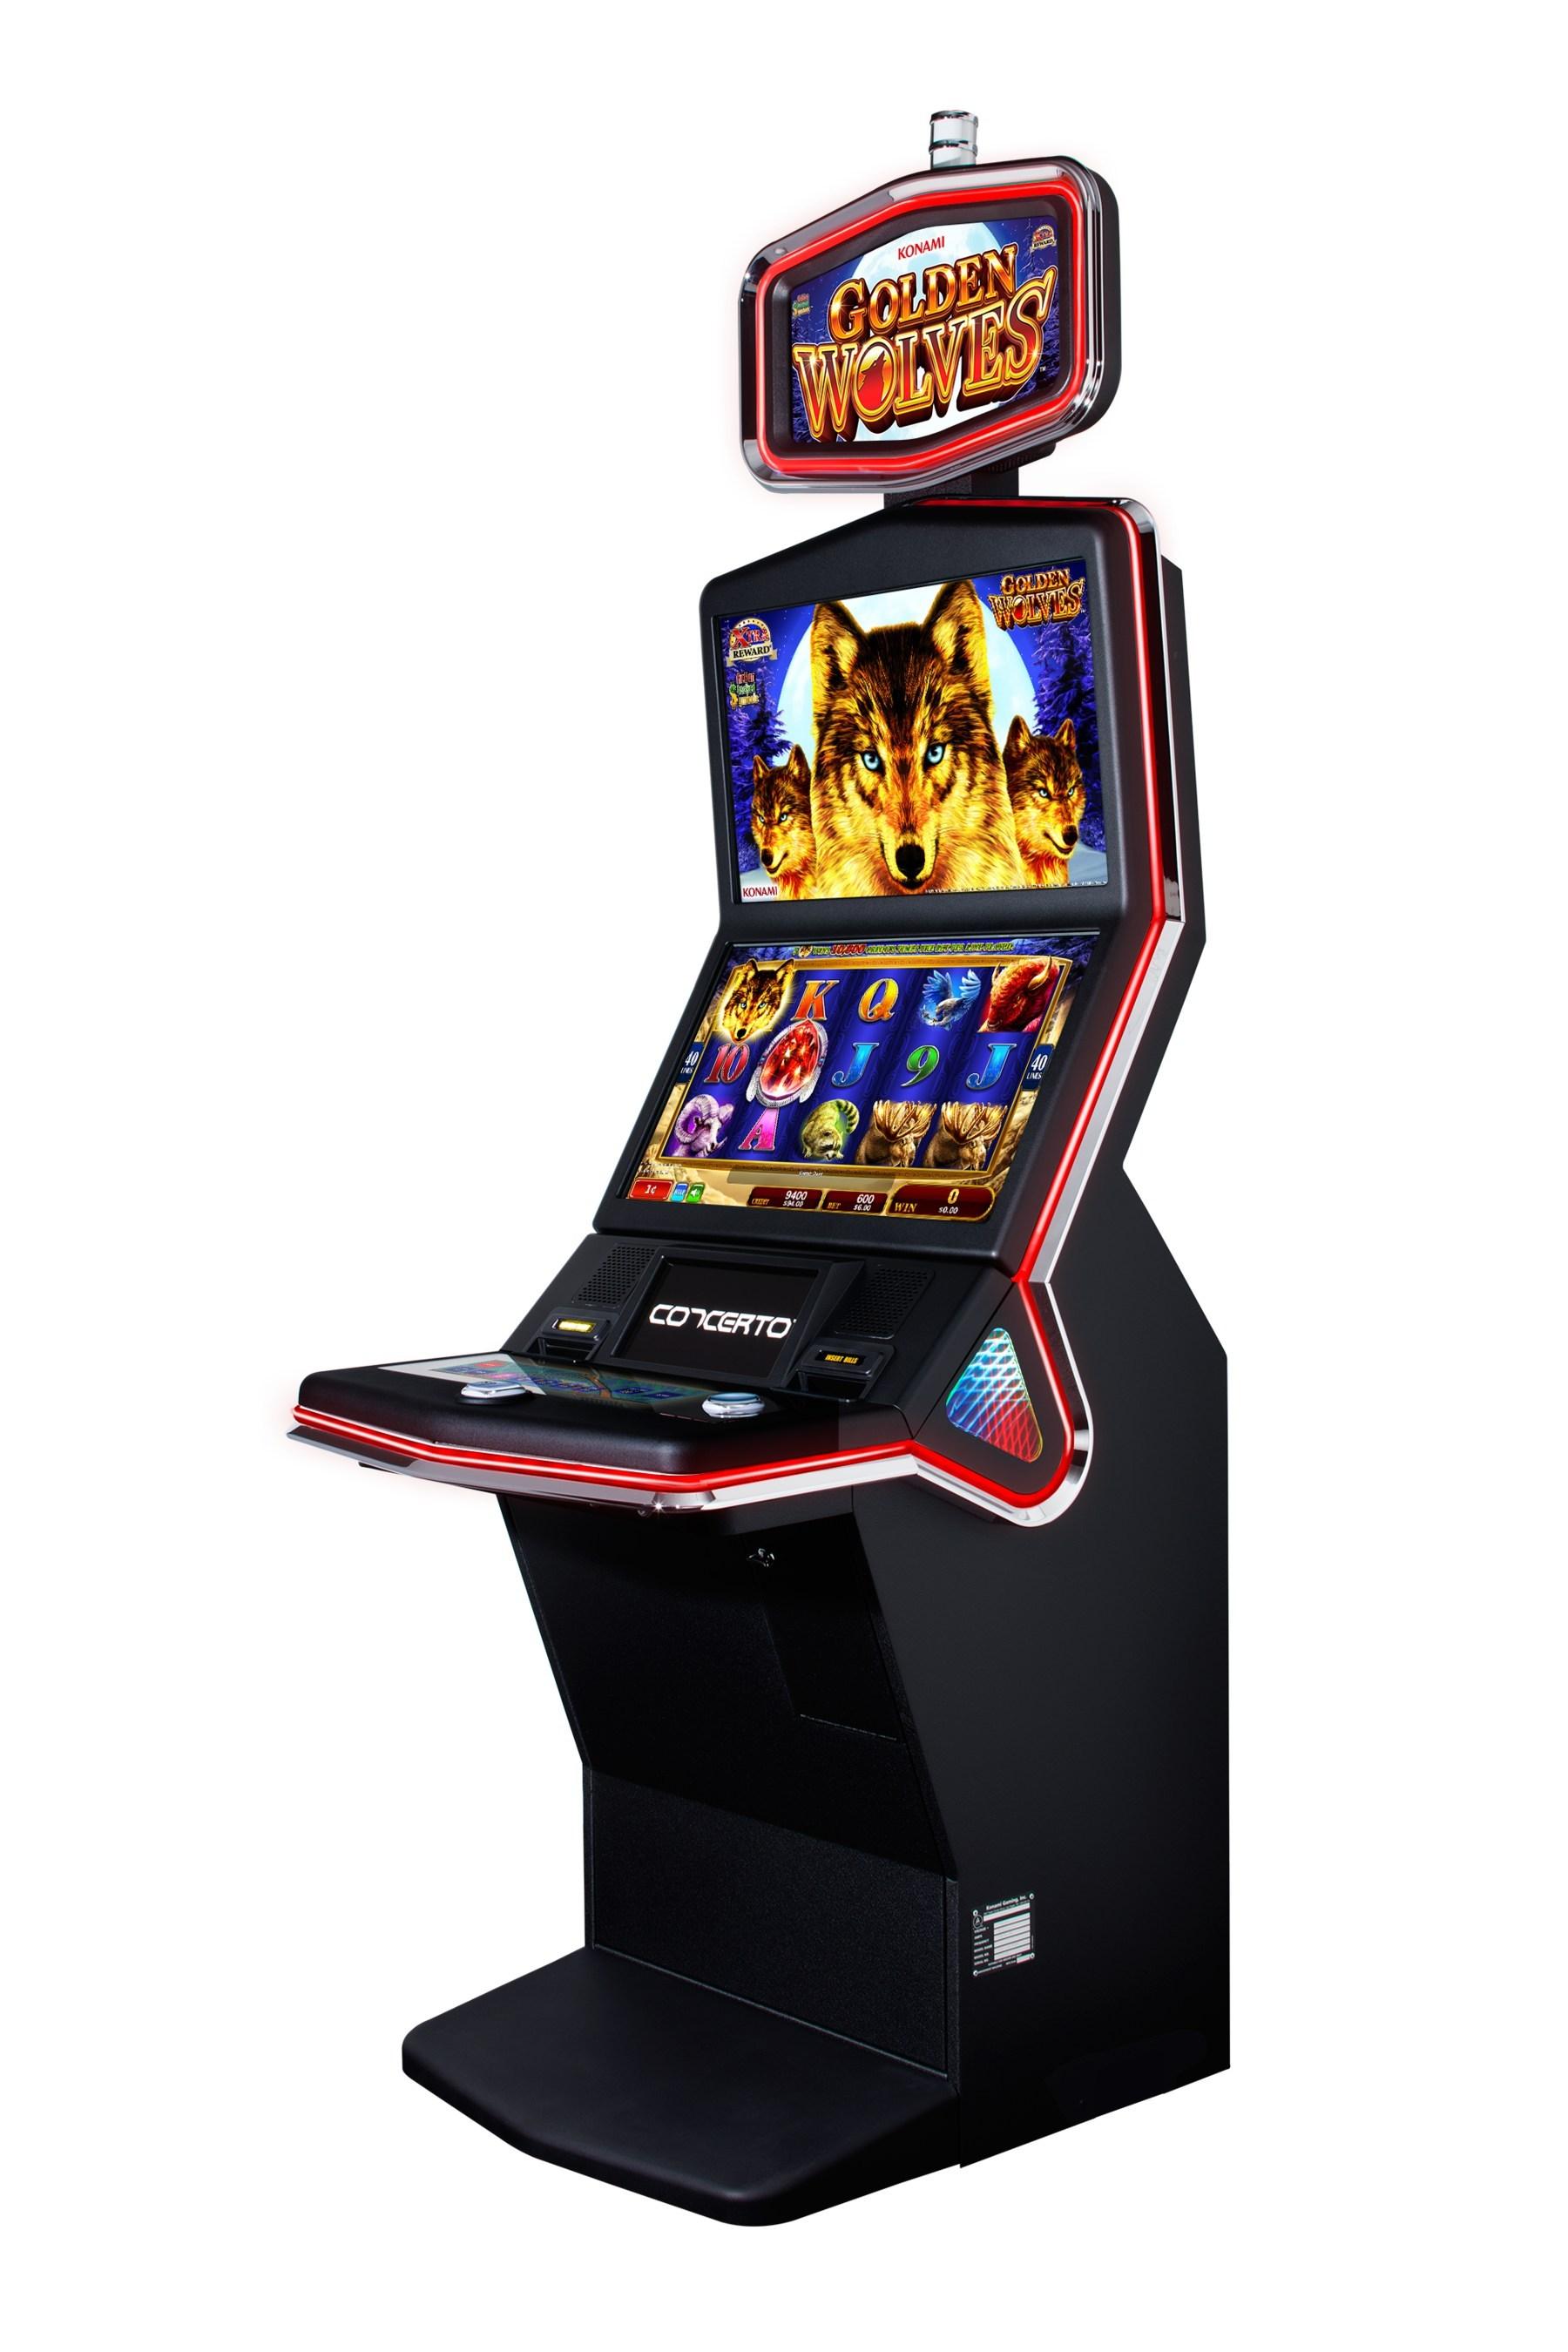 Konami gambling machines